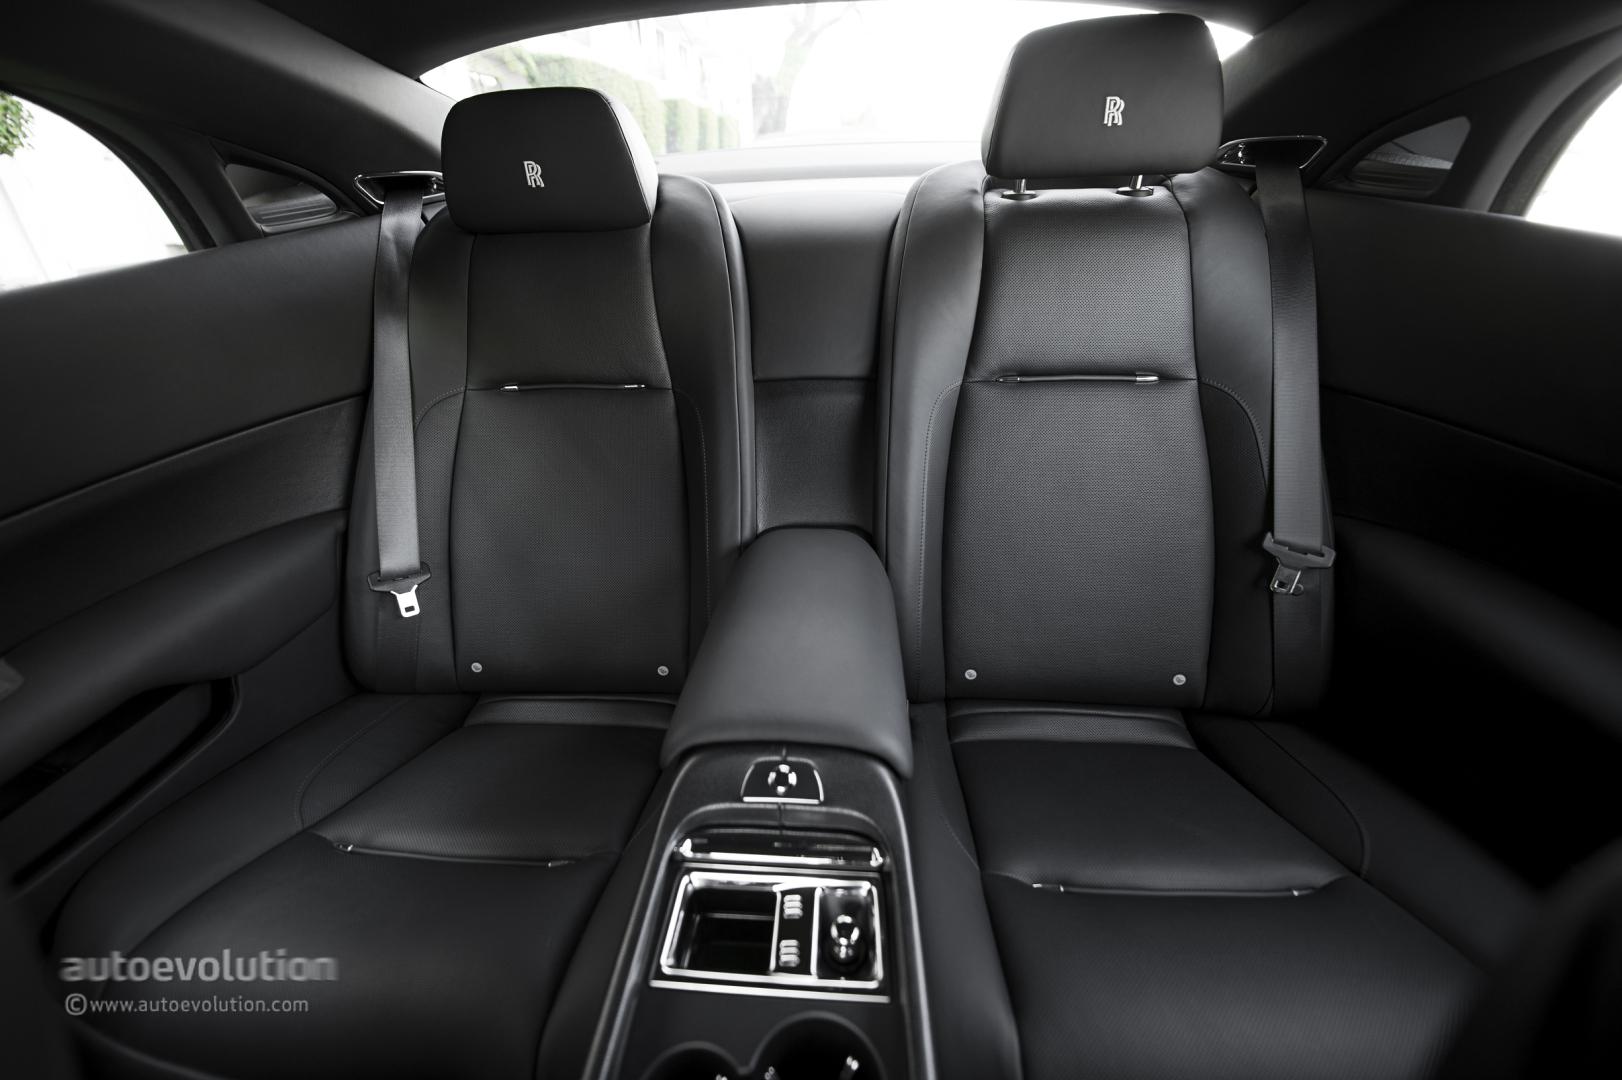 The Rear Of A Rolls Royce